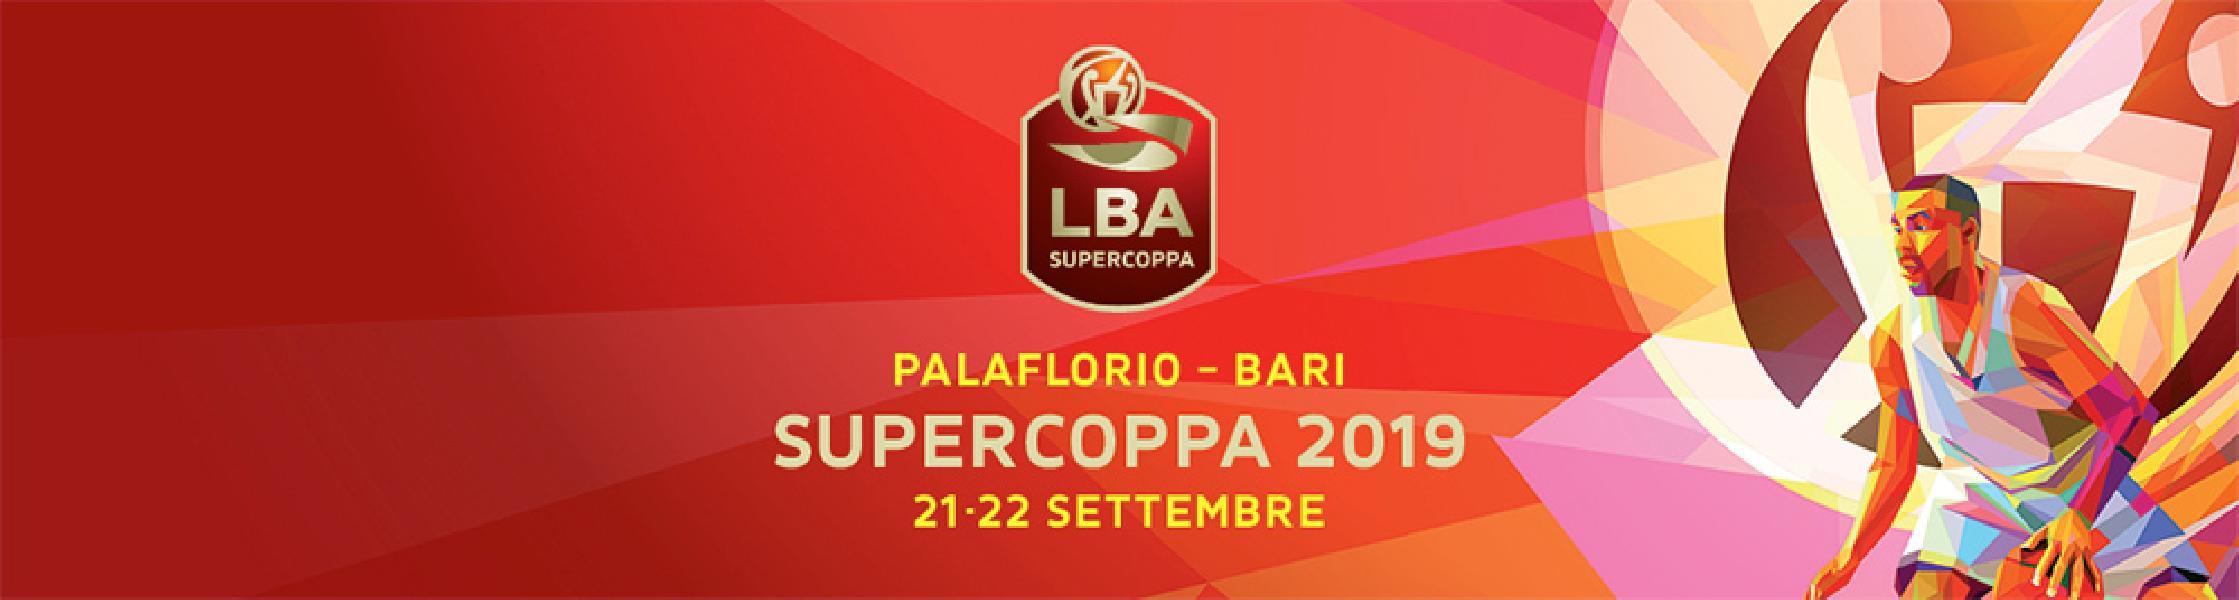 https://www.basketmarche.it/immagini_articoli/08-06-2019/definite-quattro-squadre-parteciperanno-supercoppa-2019-bari-600.jpg